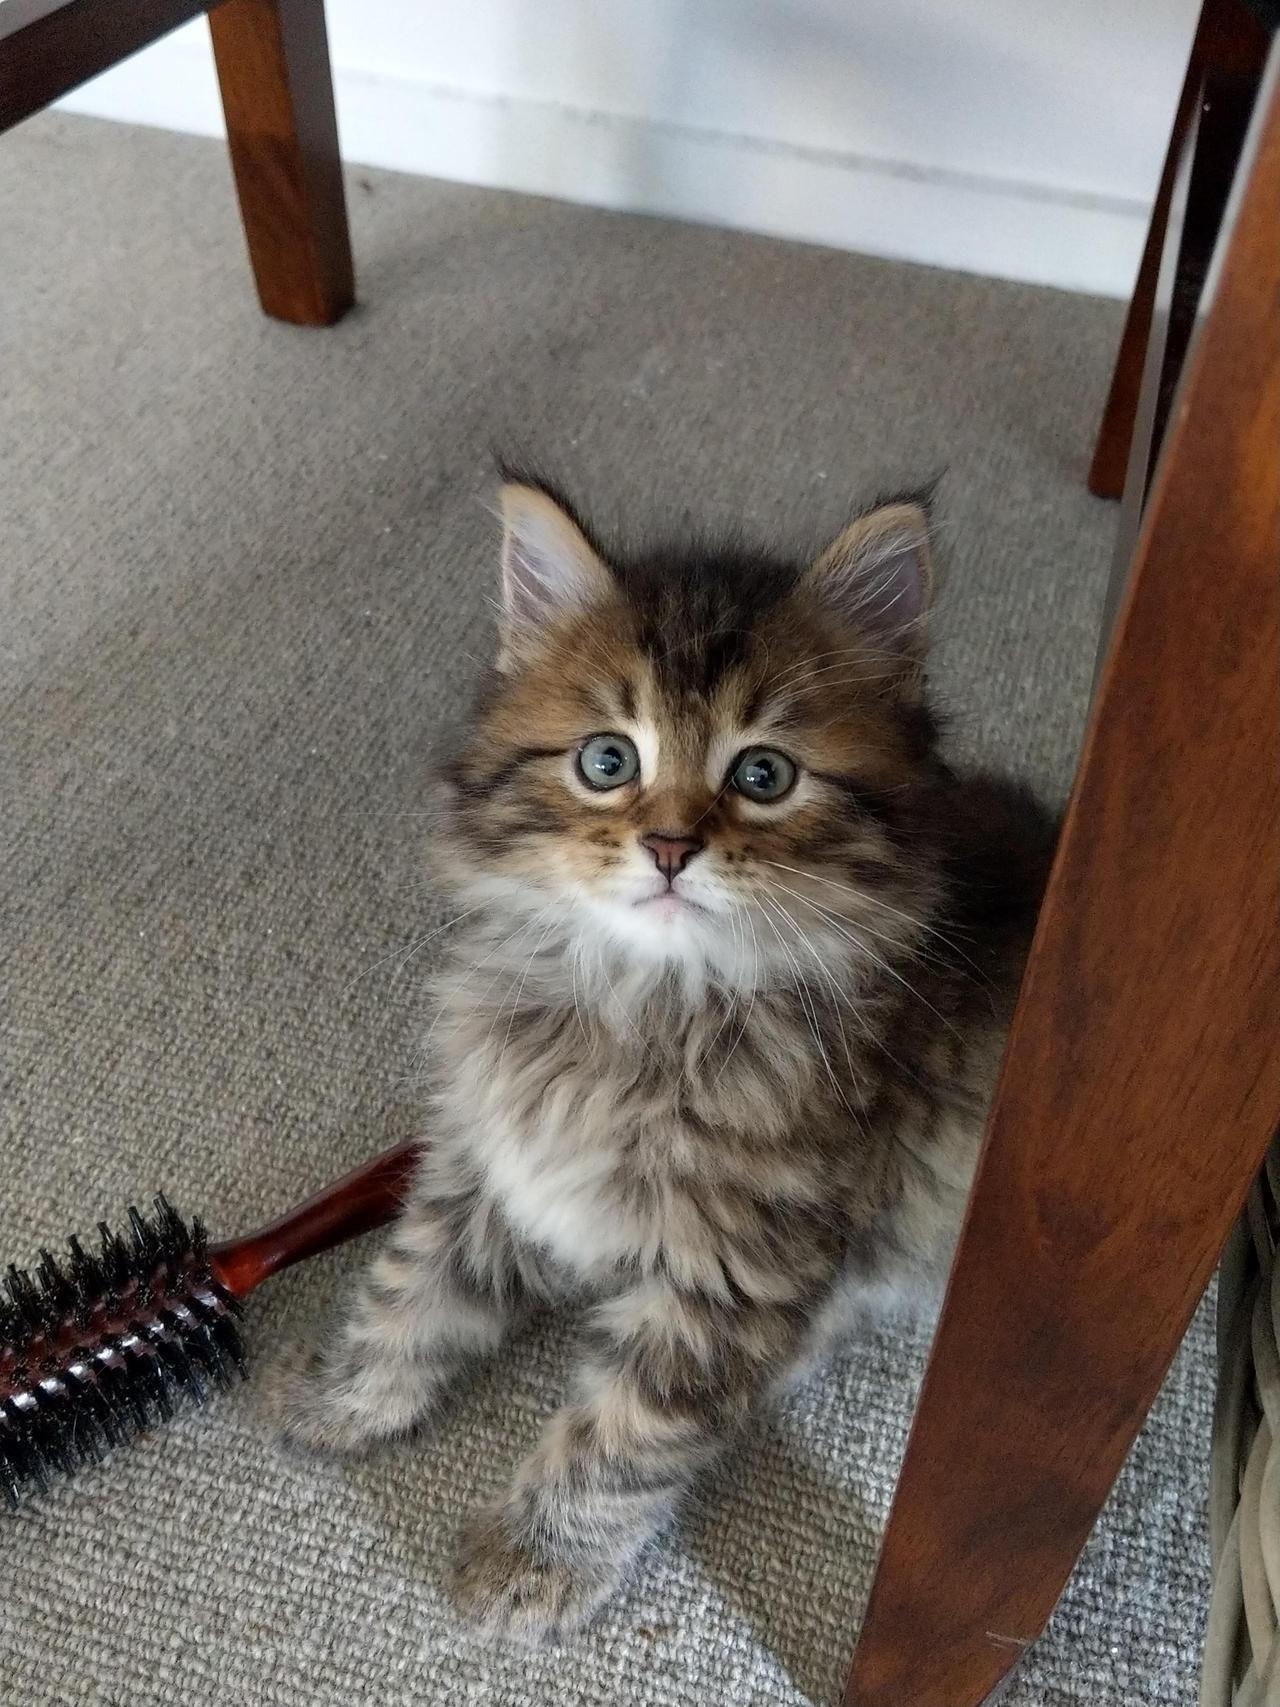 My Kitten Is So Photogenic By Bl64 Cats Kitten Catsonweb Cute